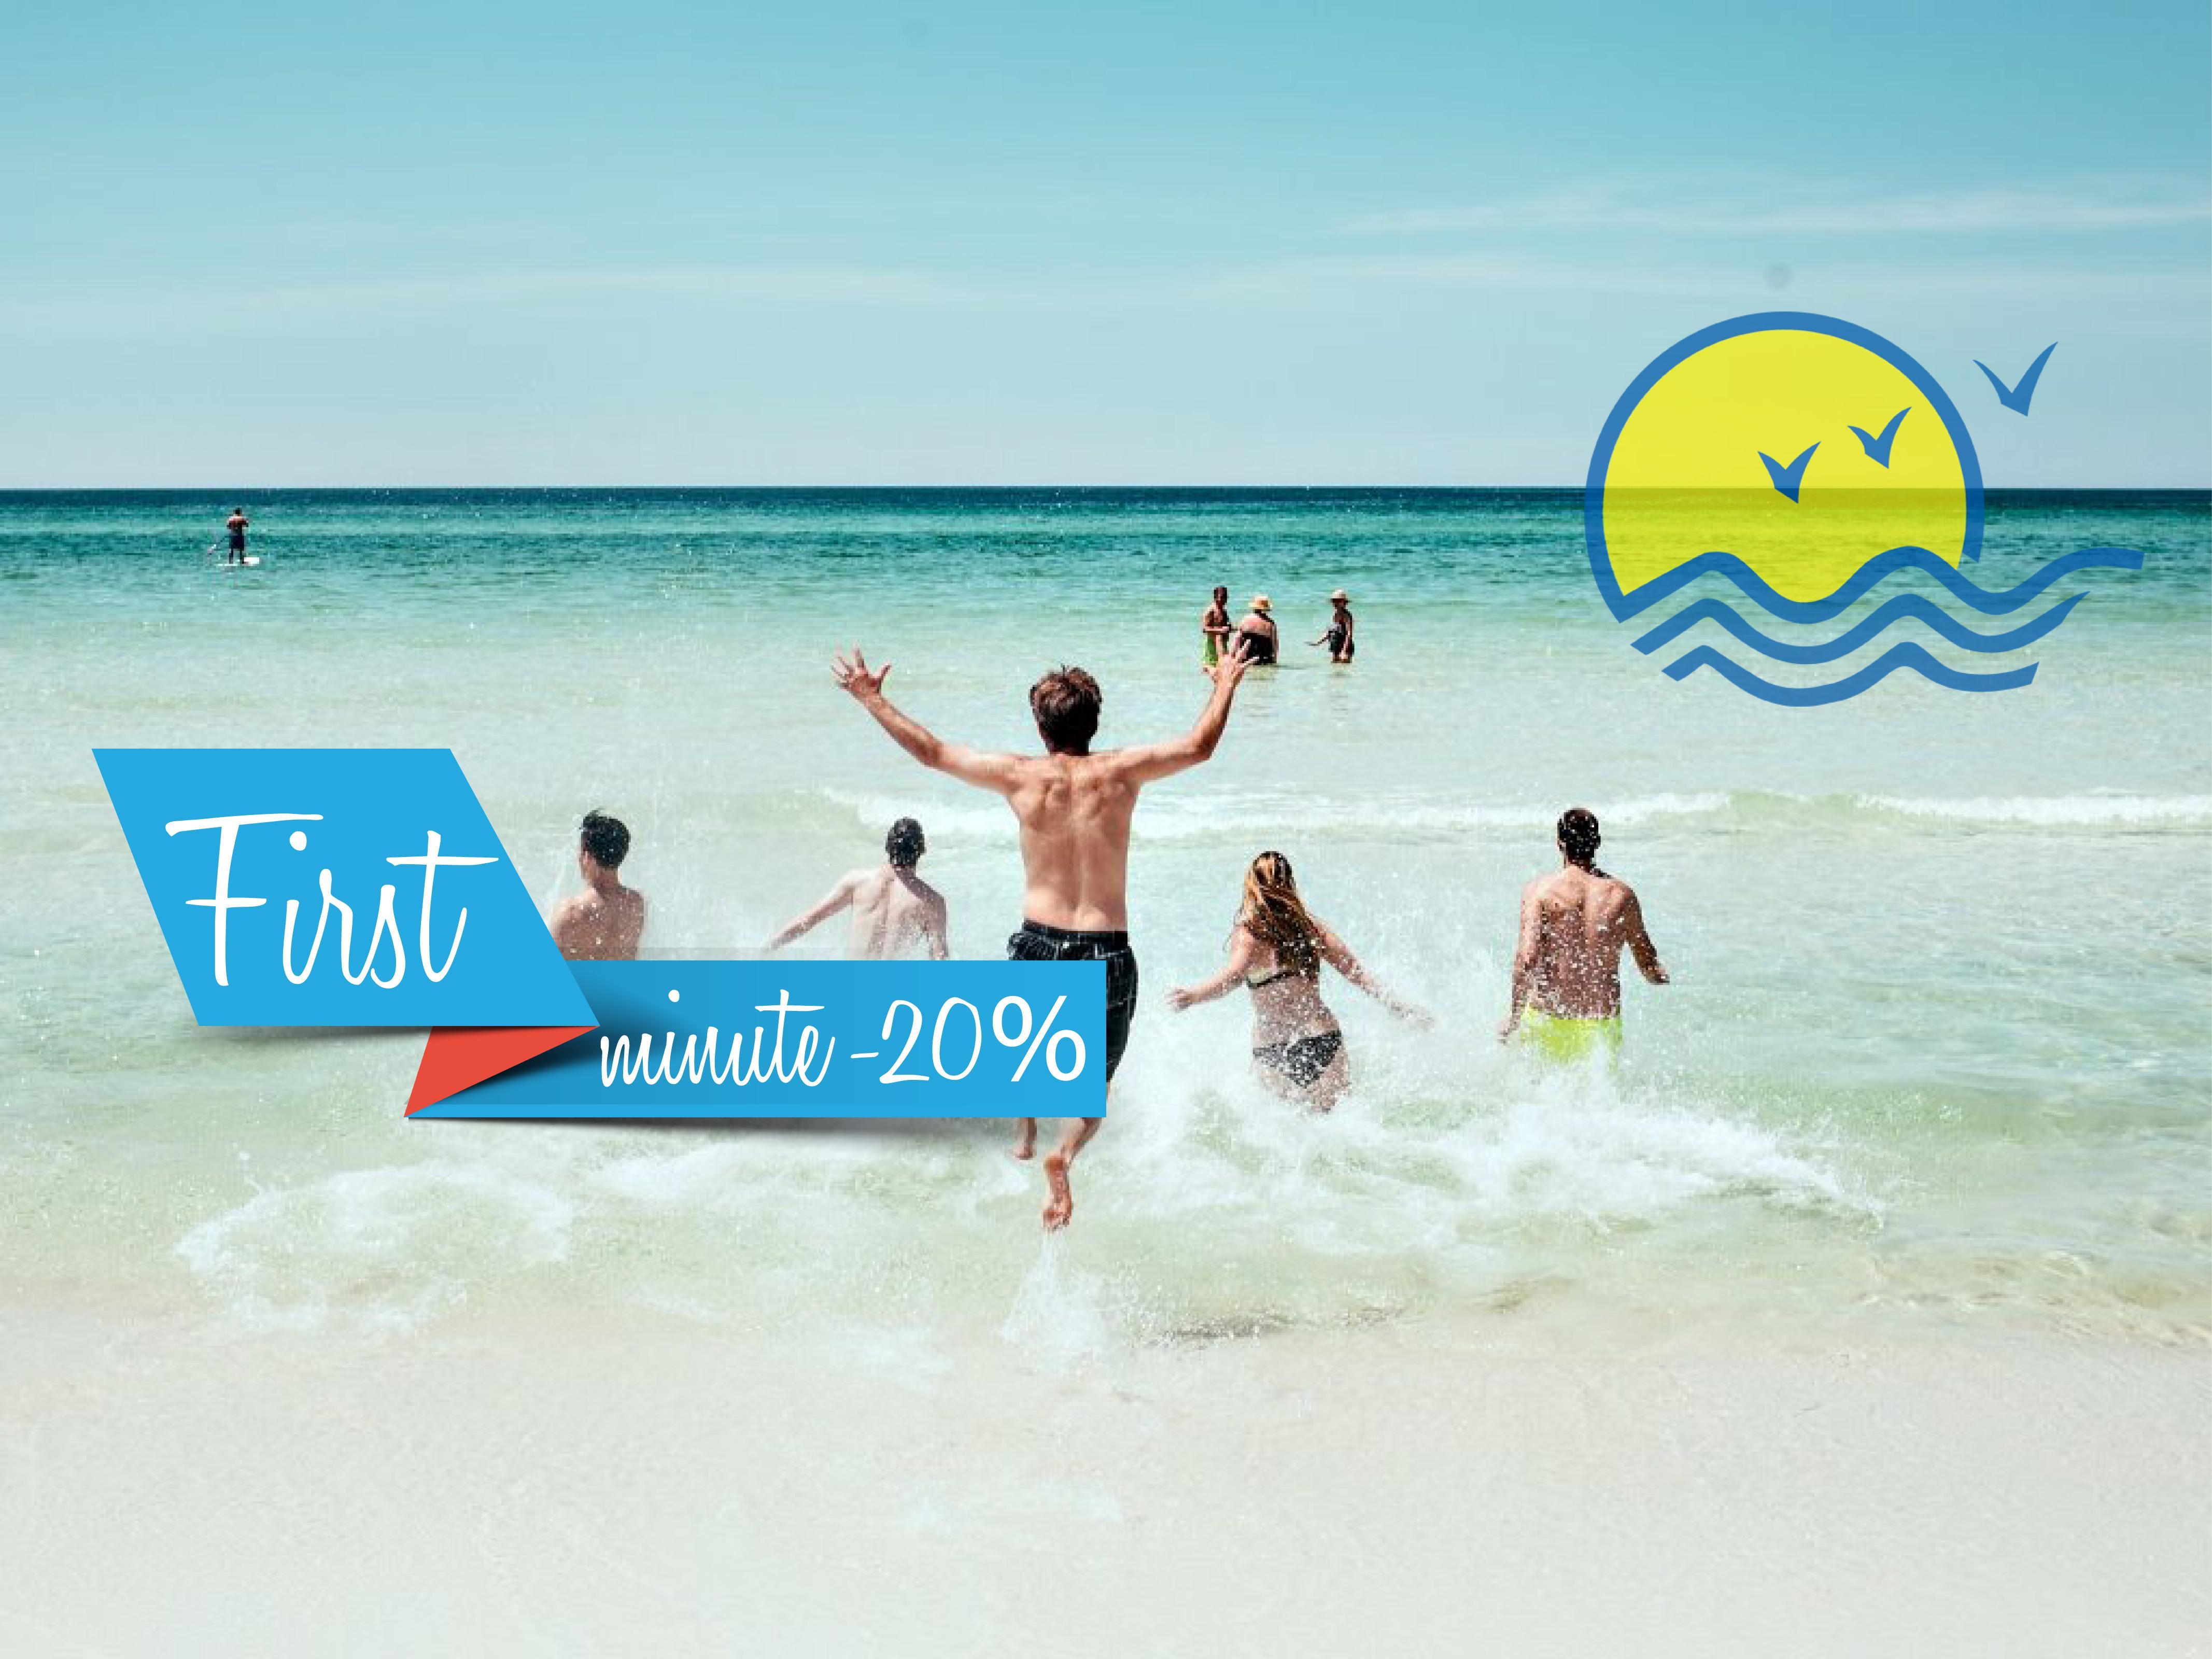 First minute - ljeto 2020